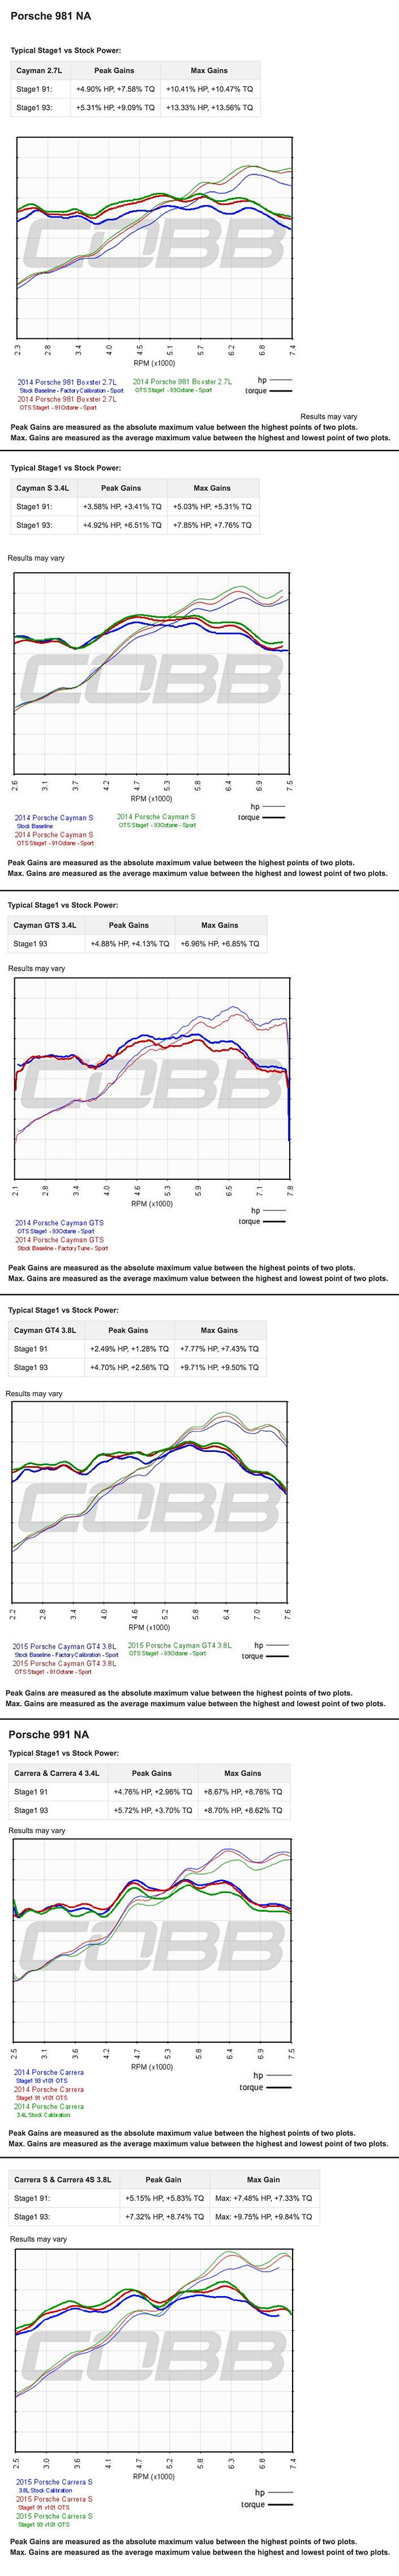 Cobb Accessport For Porsche 9872 Cayman Boxster 9972 Carrera Brakes Diagram